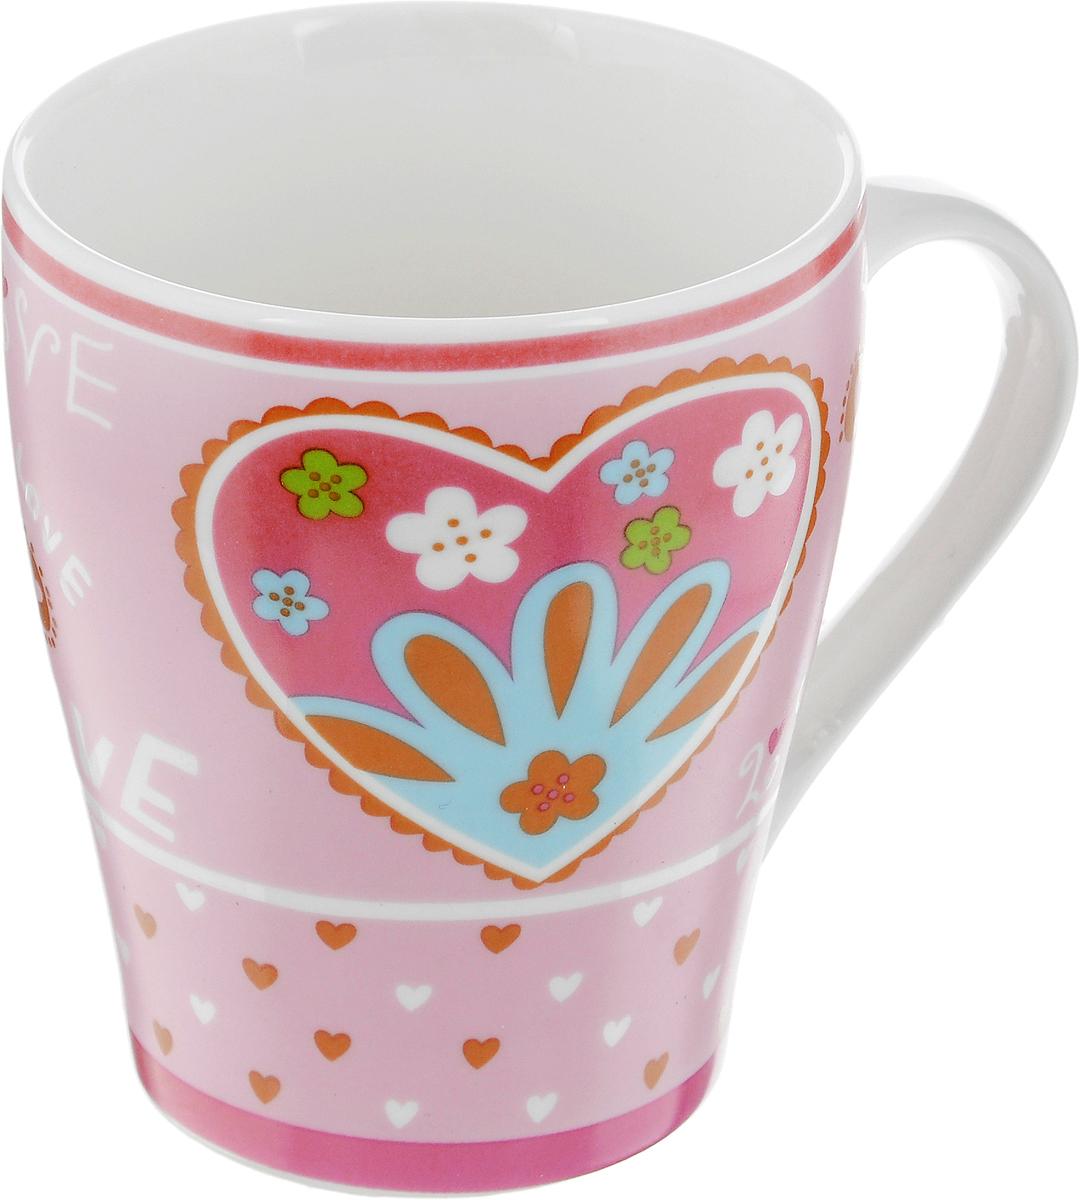 Кружка Loraine Сердце, цвет: розовый, 350 мл115510Кружка Loraine Сердце изготовлена из прочного качественного костяного фарфора. Изделие оформлено красочным рисунком. Благодаря своим термостатическим свойствам, изделие отлично сохраняет температуру содержимого - морозной зимой кружка будет согревать вас горячим чаем, а знойным летом, напротив, радовать прохладными напитками. Такой аксессуар создаст атмосферу тепла и уюта, настроит на позитивный лад и подарит хорошее настроение с самого утра. Это оригинальное изделие идеально подойдет в подарок близкому человеку. Диаметр (по верхнему краю): 8,5 см.Высота кружки: 10 см.